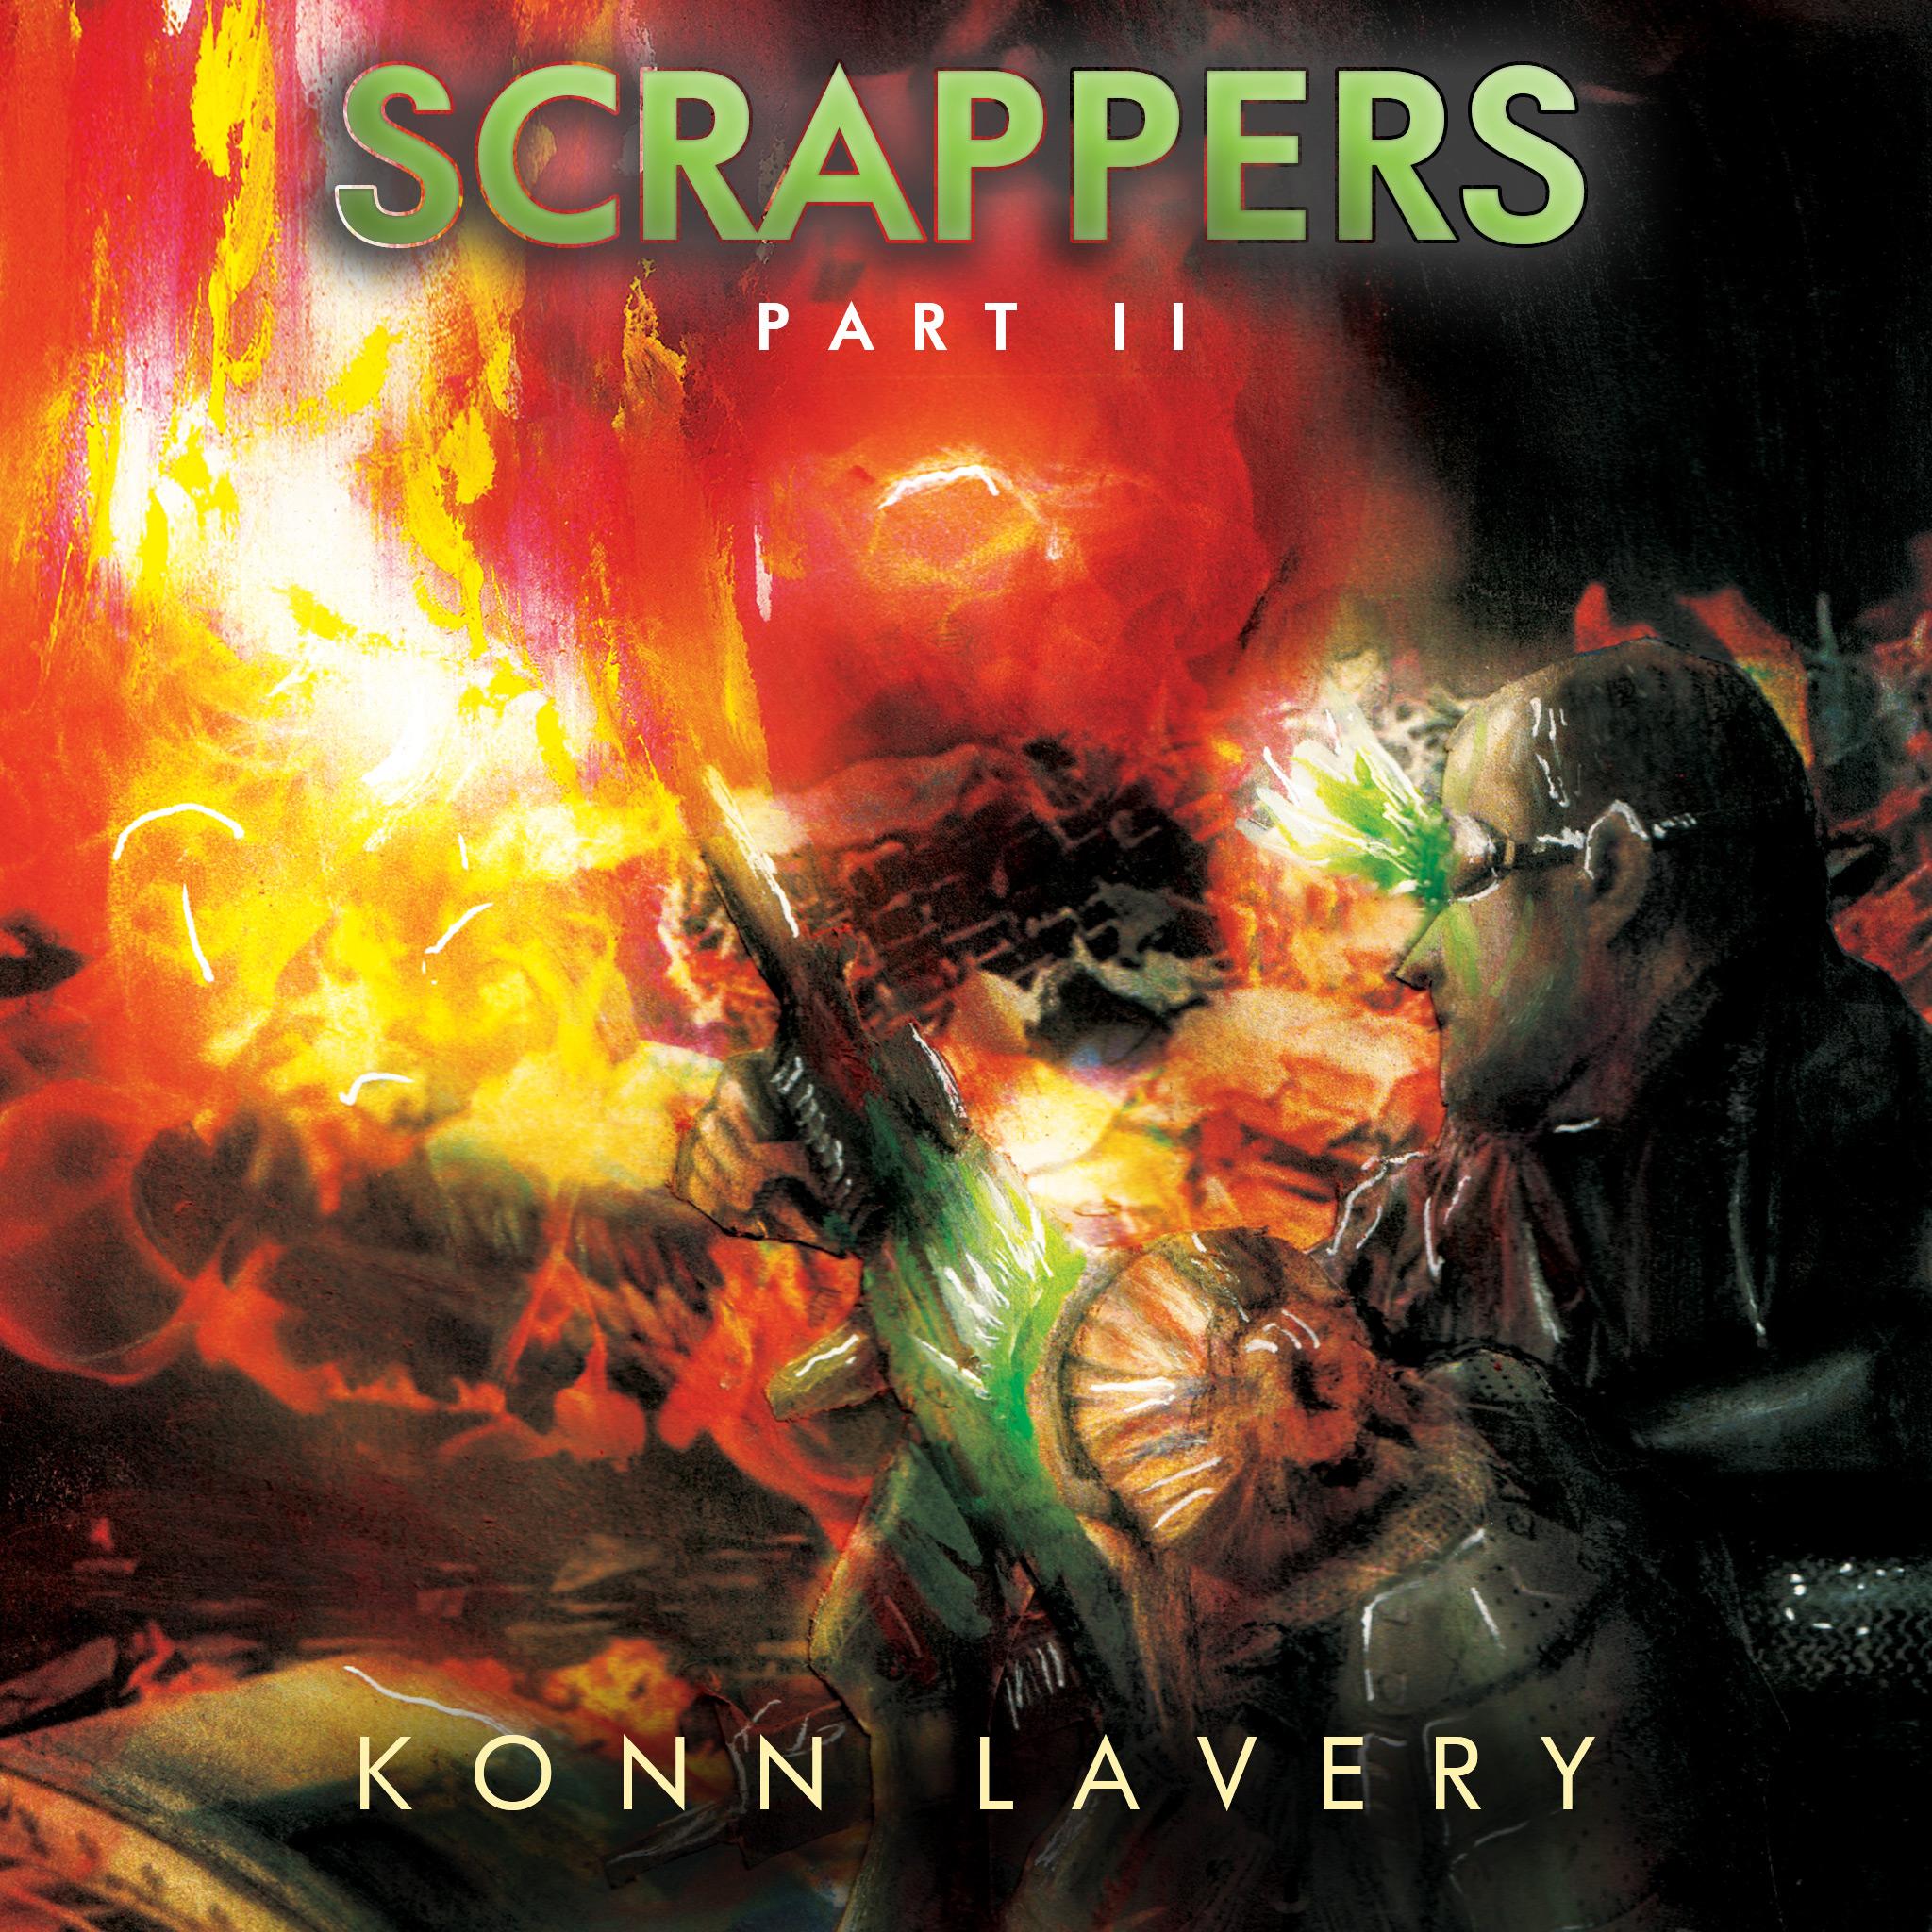 Scrappers Part II